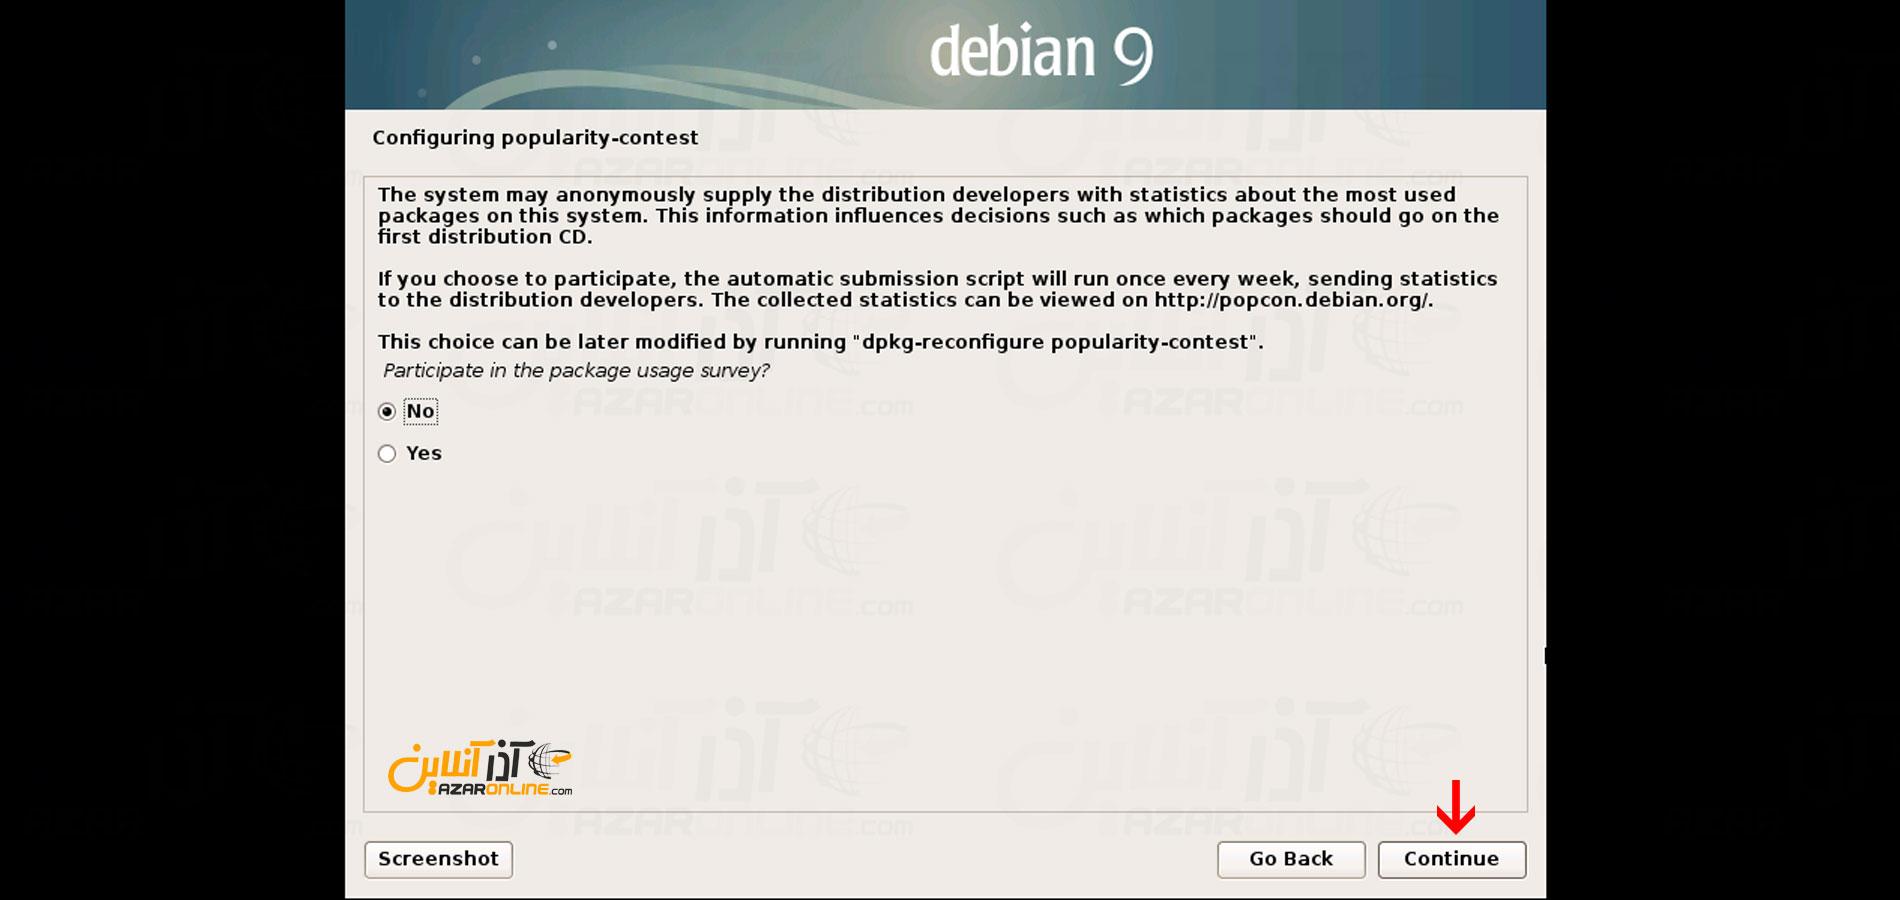 تنظیم اتصال دبیان با سایت جهت ارسال خطا ها